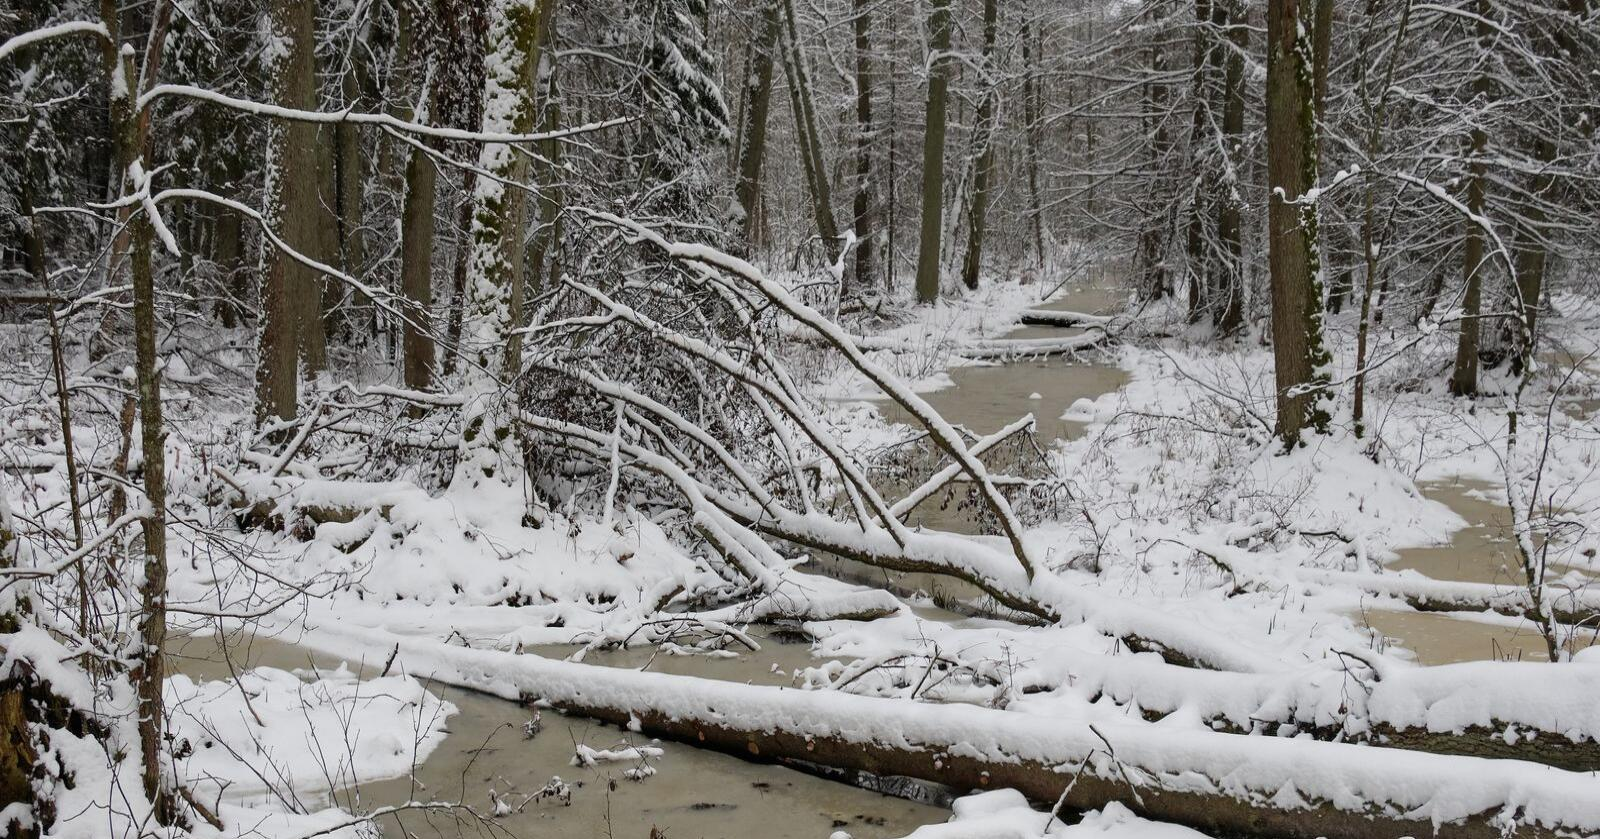 Mangfold: De siste 40 årene har det blitt gjort mye for å ta vare på naturmangfoldet i norsk skogbruk. Det spares kantsoner mot myrer og vassdrag. Det spares nøkkelbiotoper og det settes igjen livsløpstrær, for å nevne noe, skriver kronikøren. Foto: Mostphotos